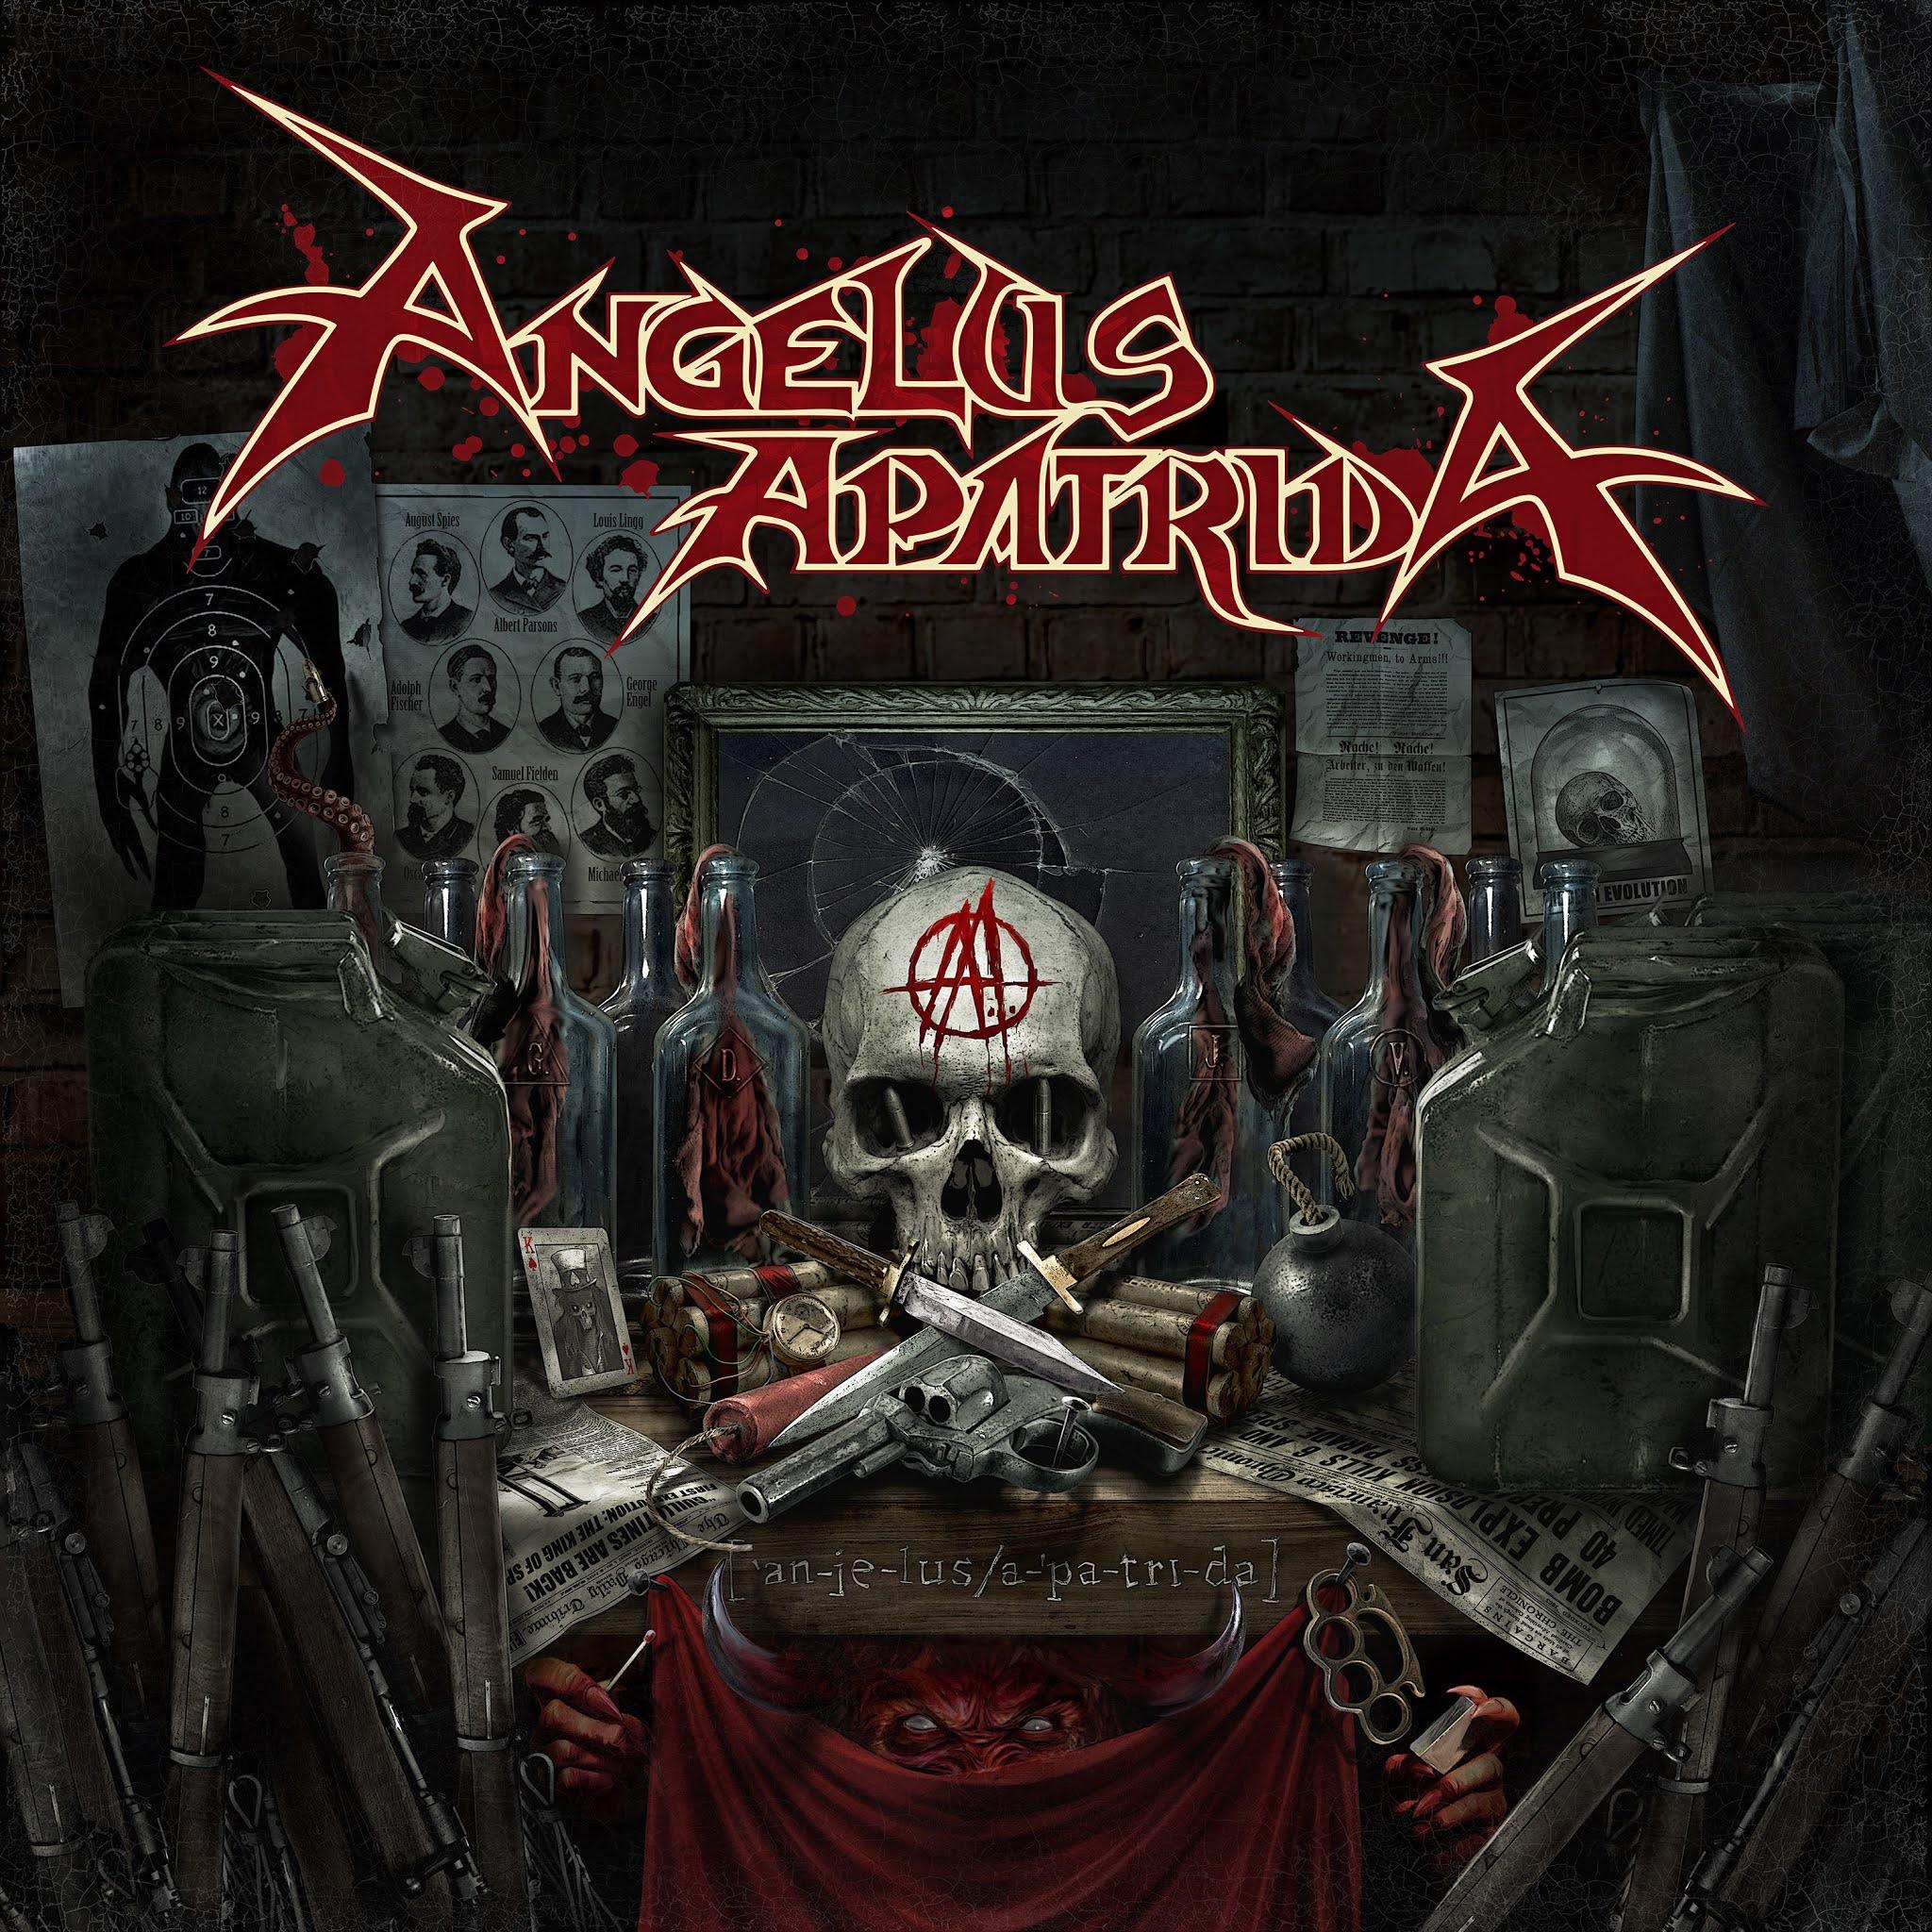 Angelus Apatrida coverart